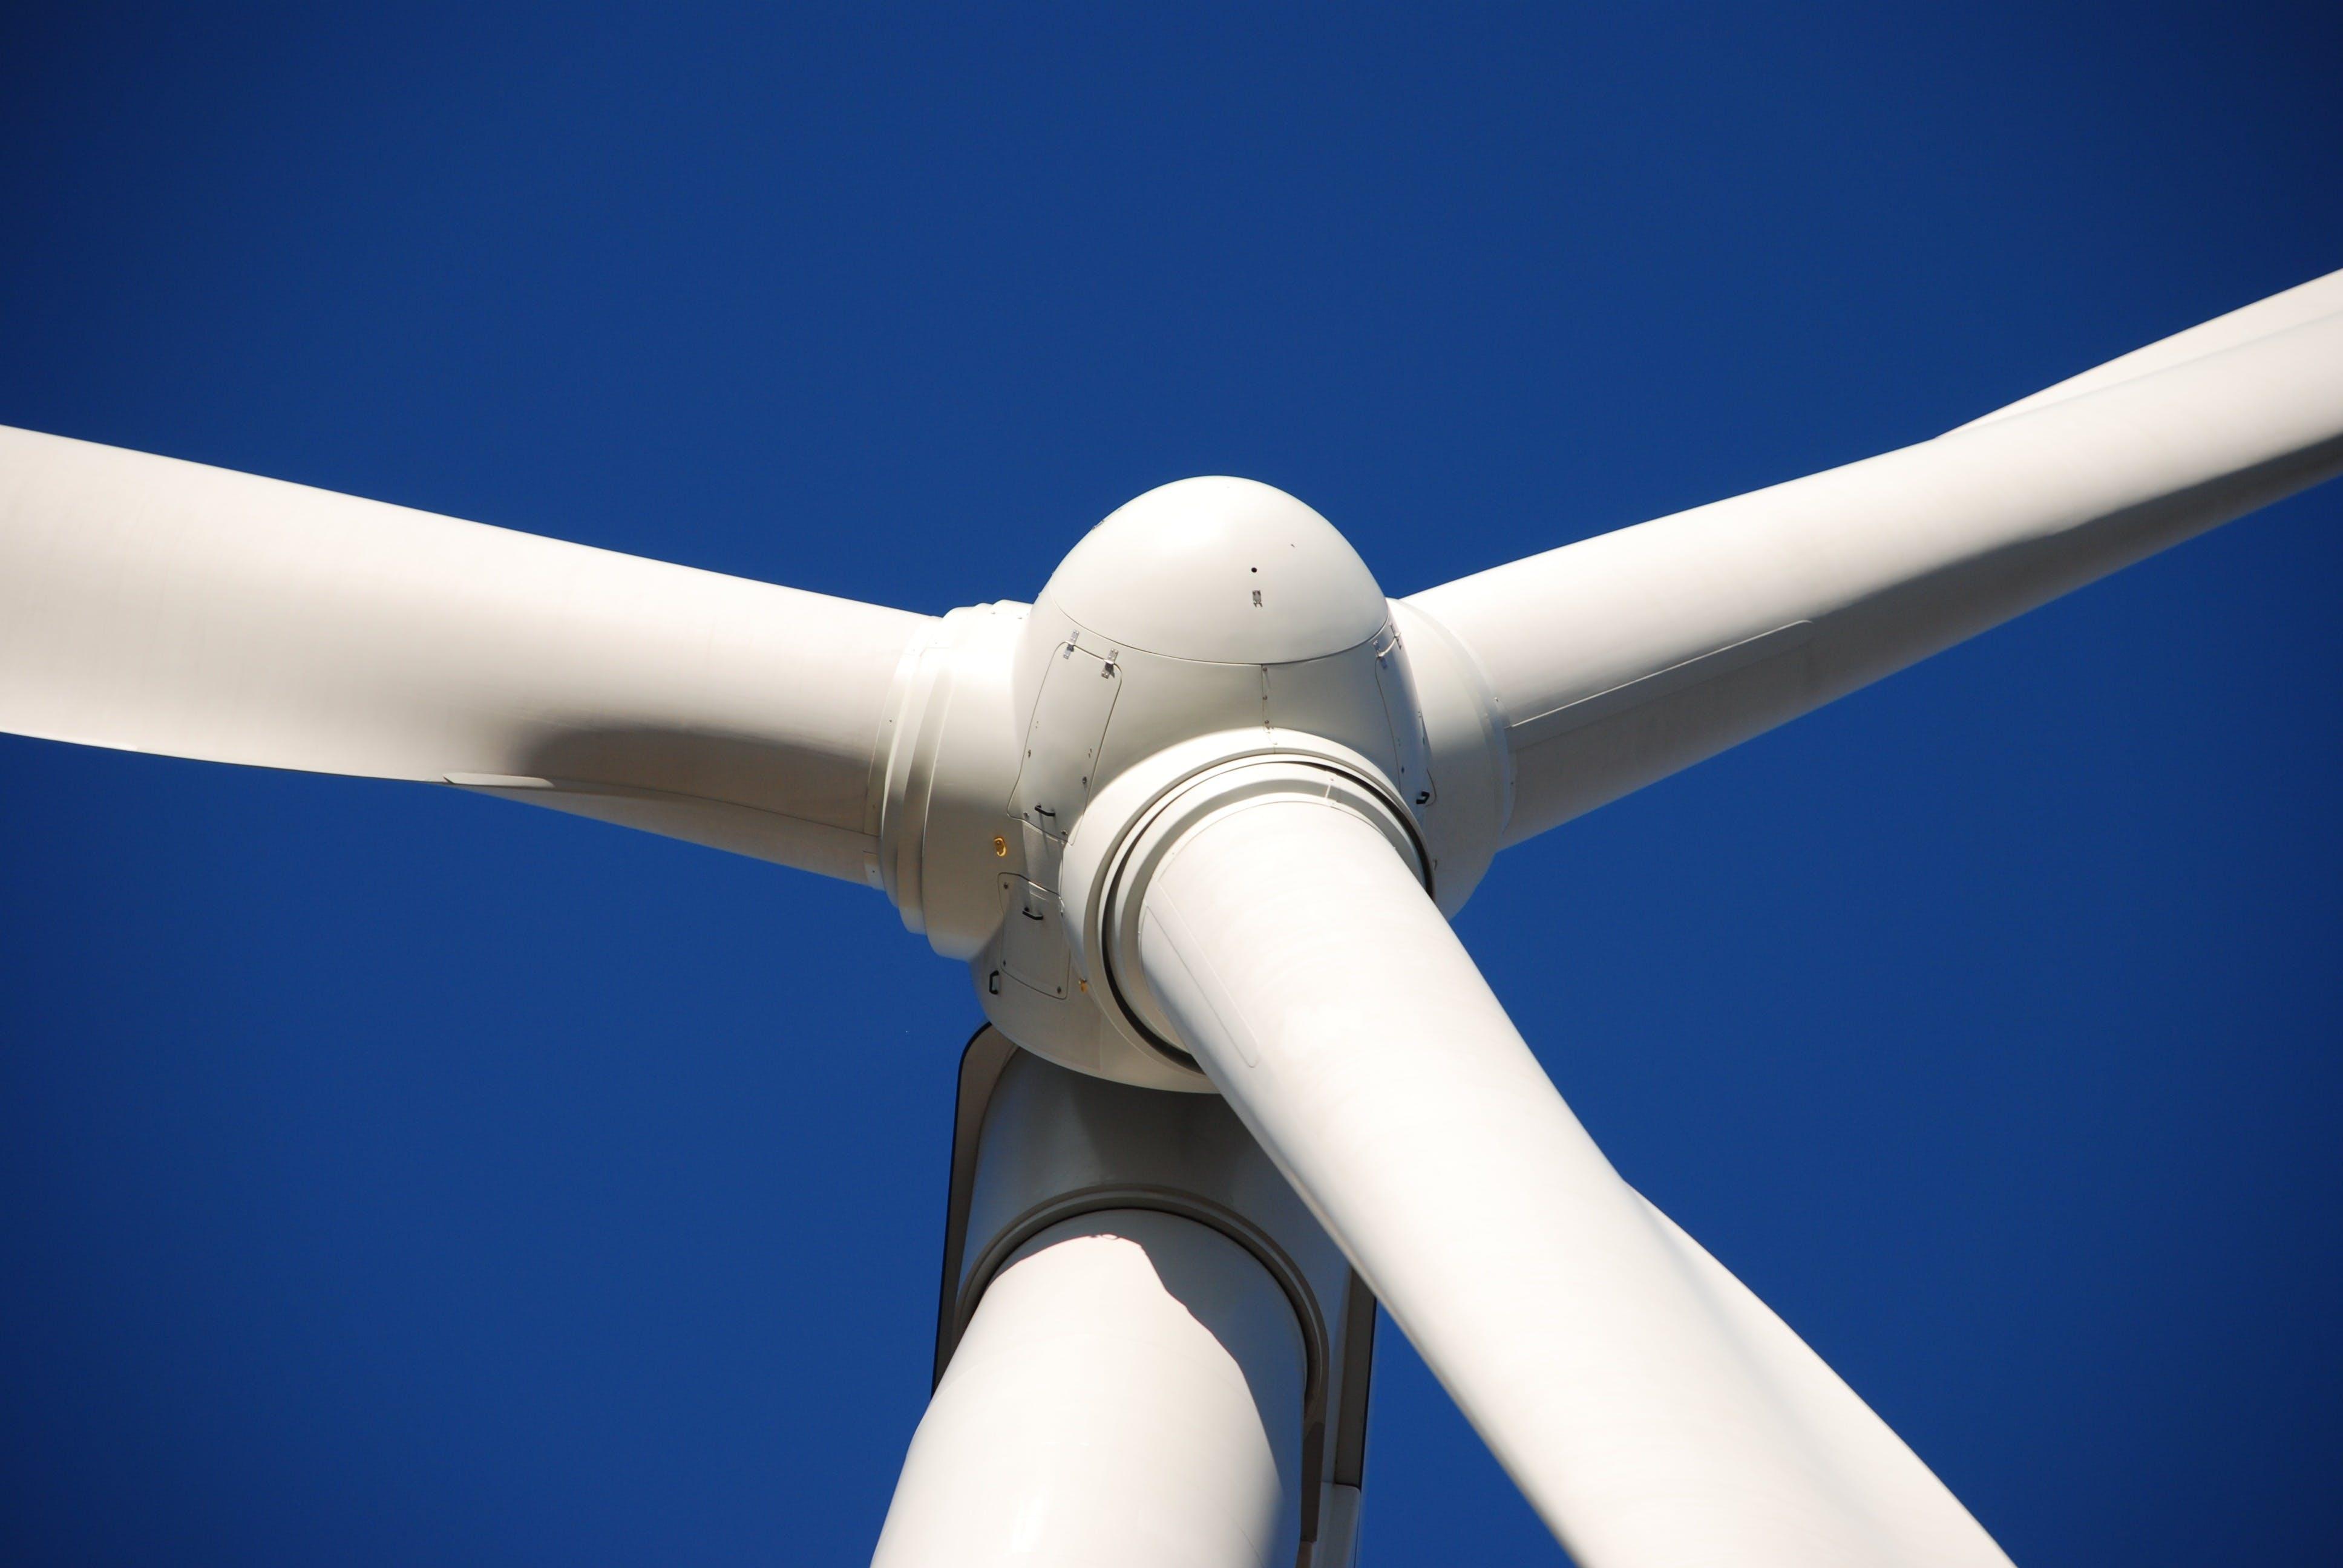 Gratis arkivbilde med energi, lav-vinklet bilde, nærbilde, turbin